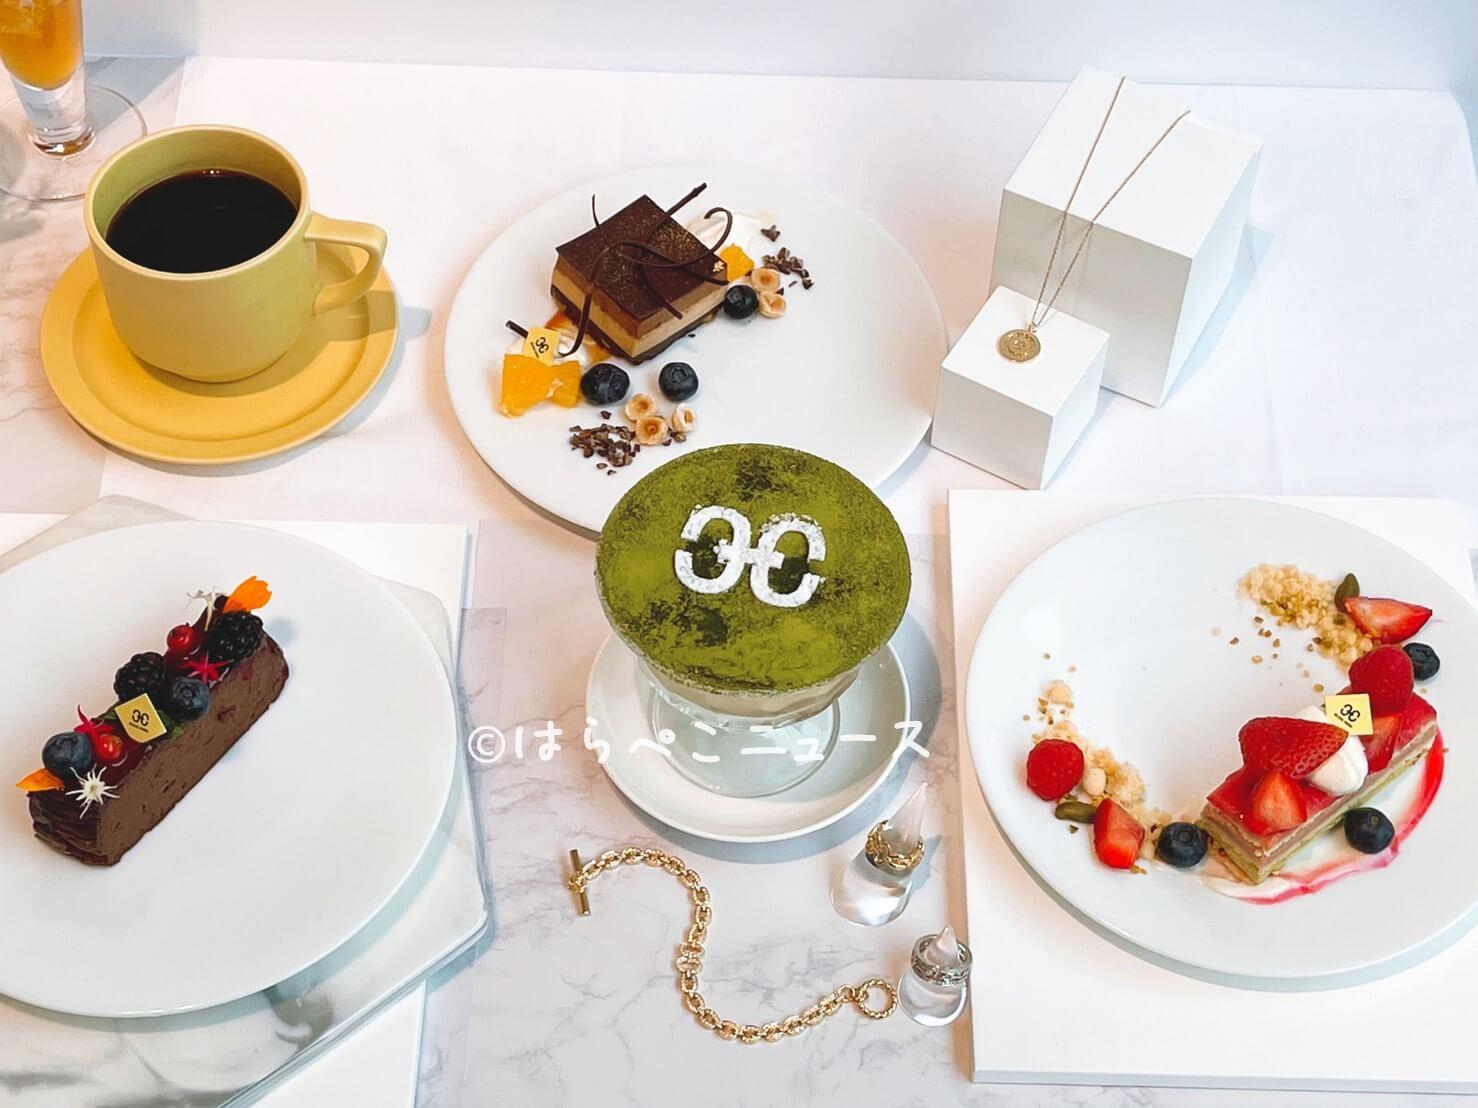 【実食レポ】『ヘリカルコード ジュエリー&カフェ』銀座Giovanniコラボスイーツ!ミカフェートのコーヒーも